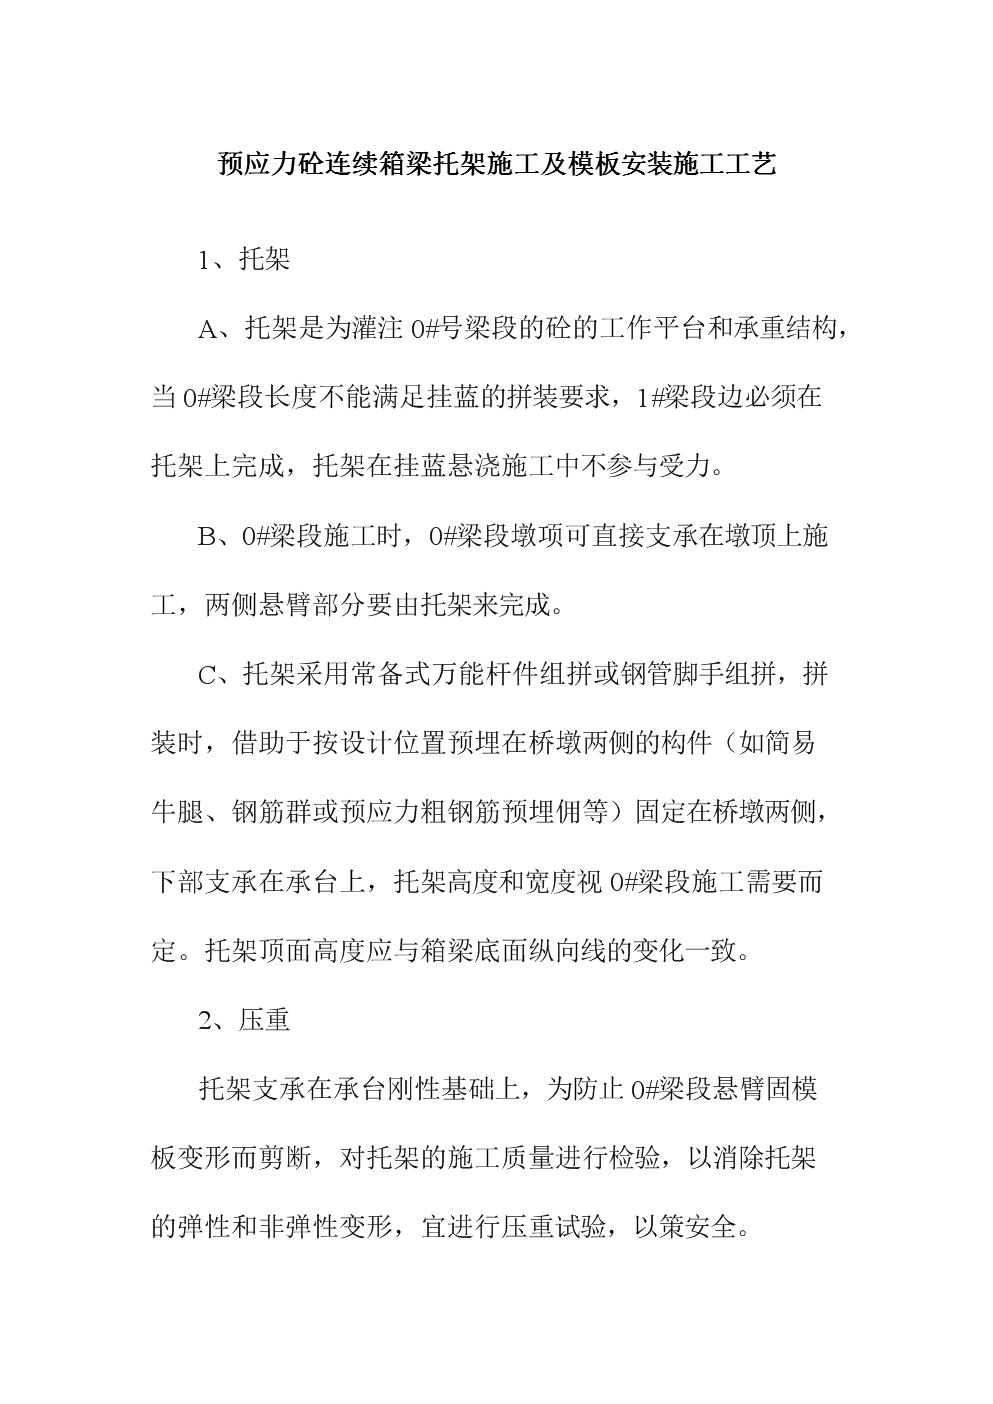 预应力砼连续箱梁托架施工及模板安装施工工艺.doc